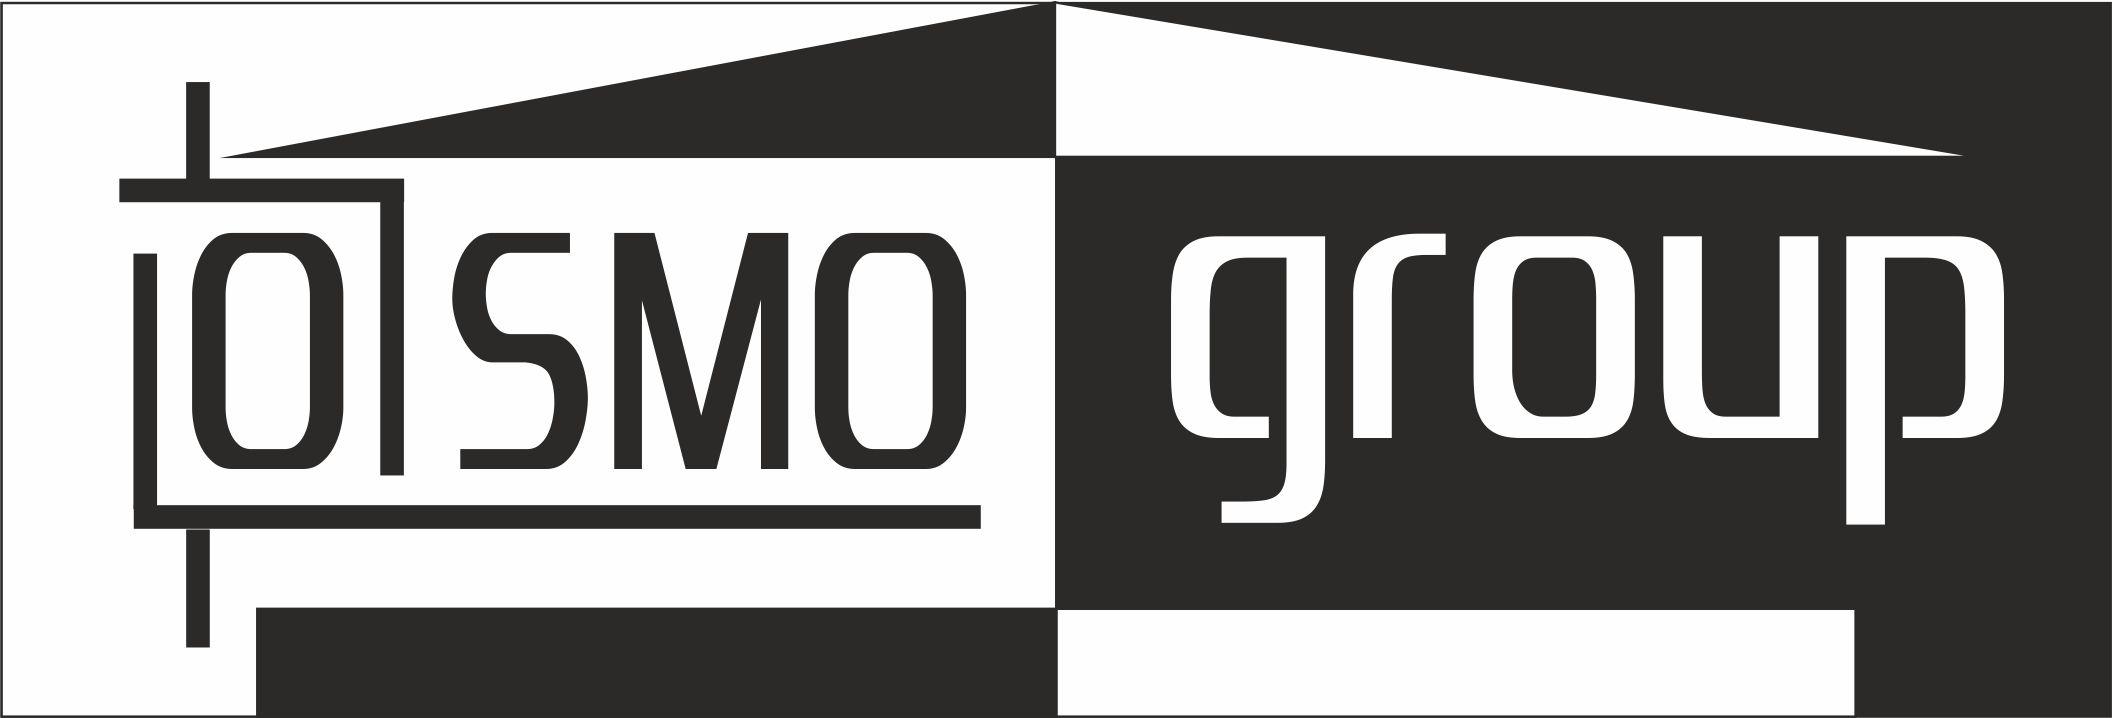 Создание логотипа для строительной компании OSMO group  фото f_40059b6b42907ad6.jpg